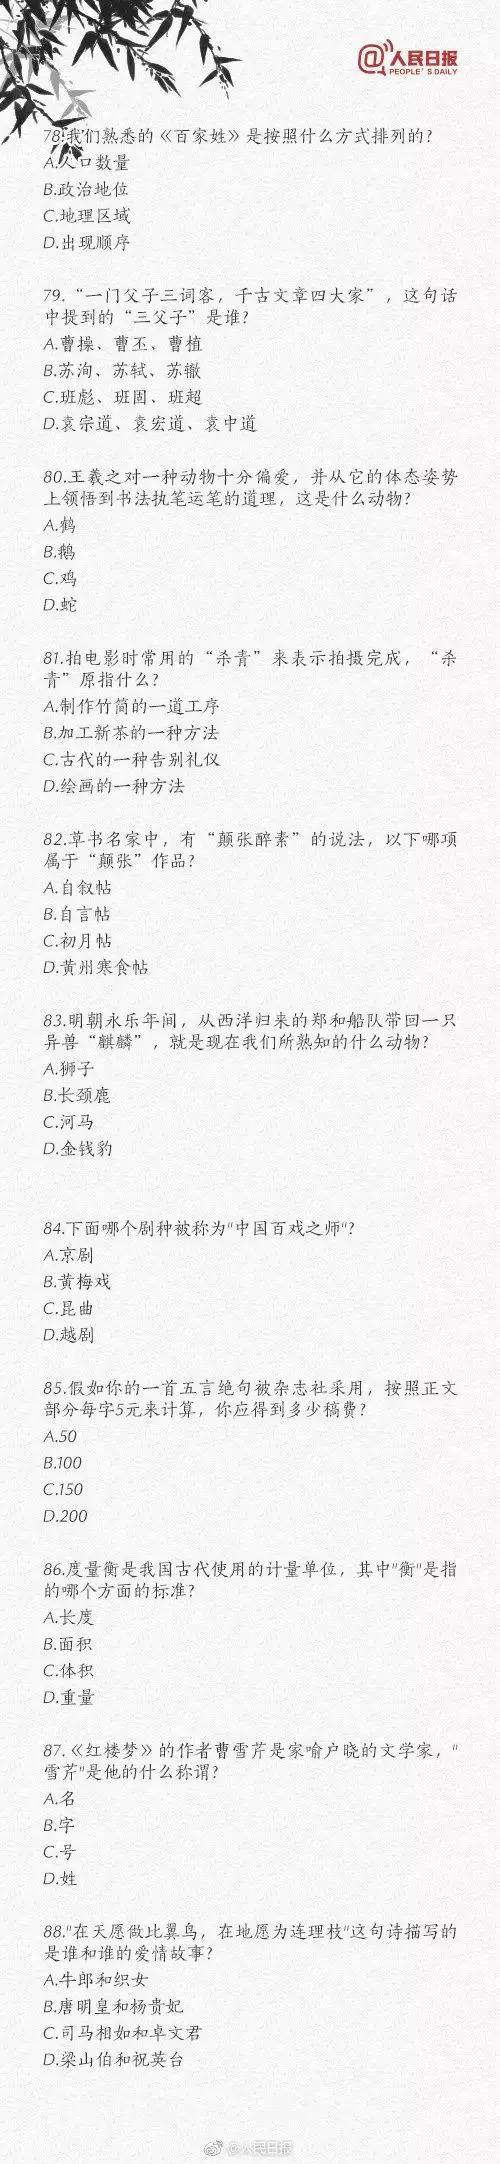 六合开奖结果直播 8